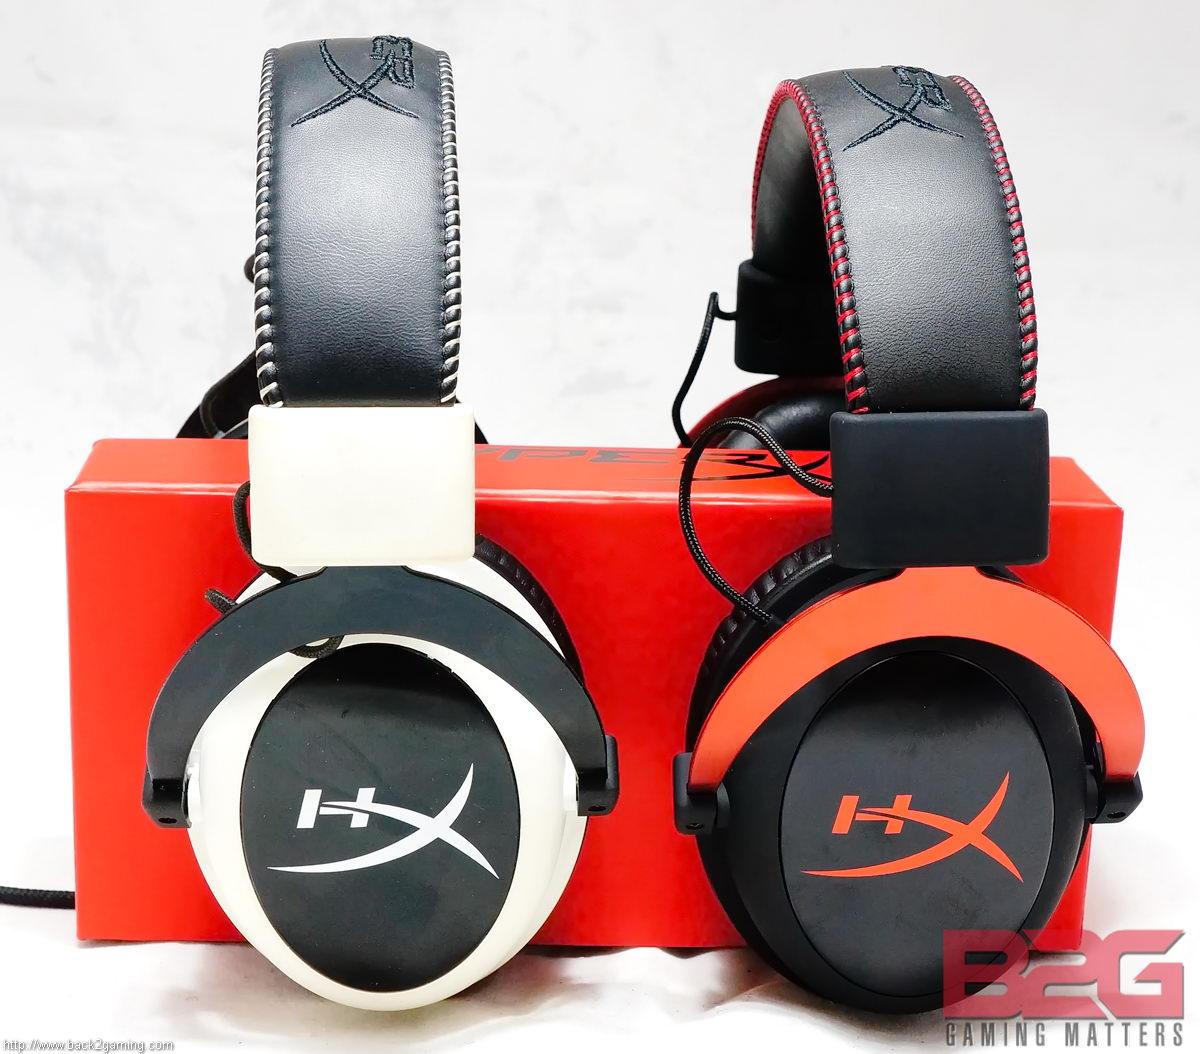 Kingston HyperX Cloud II Headset Review